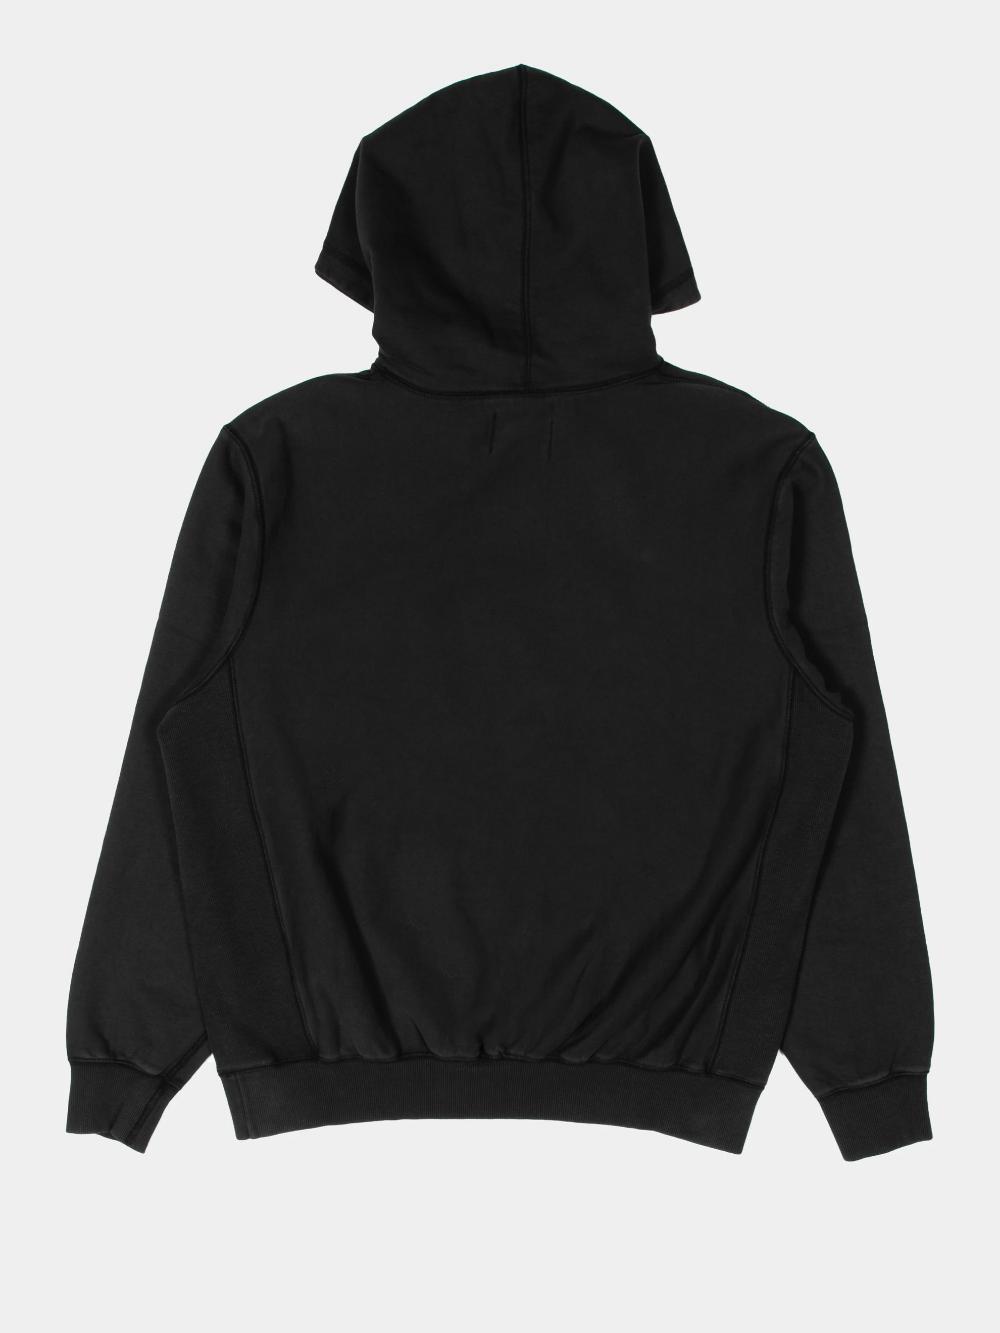 Influenceu 1992 Ete Print Hoodie Black Simple Black Hoodie Hoodie Template Hoodies